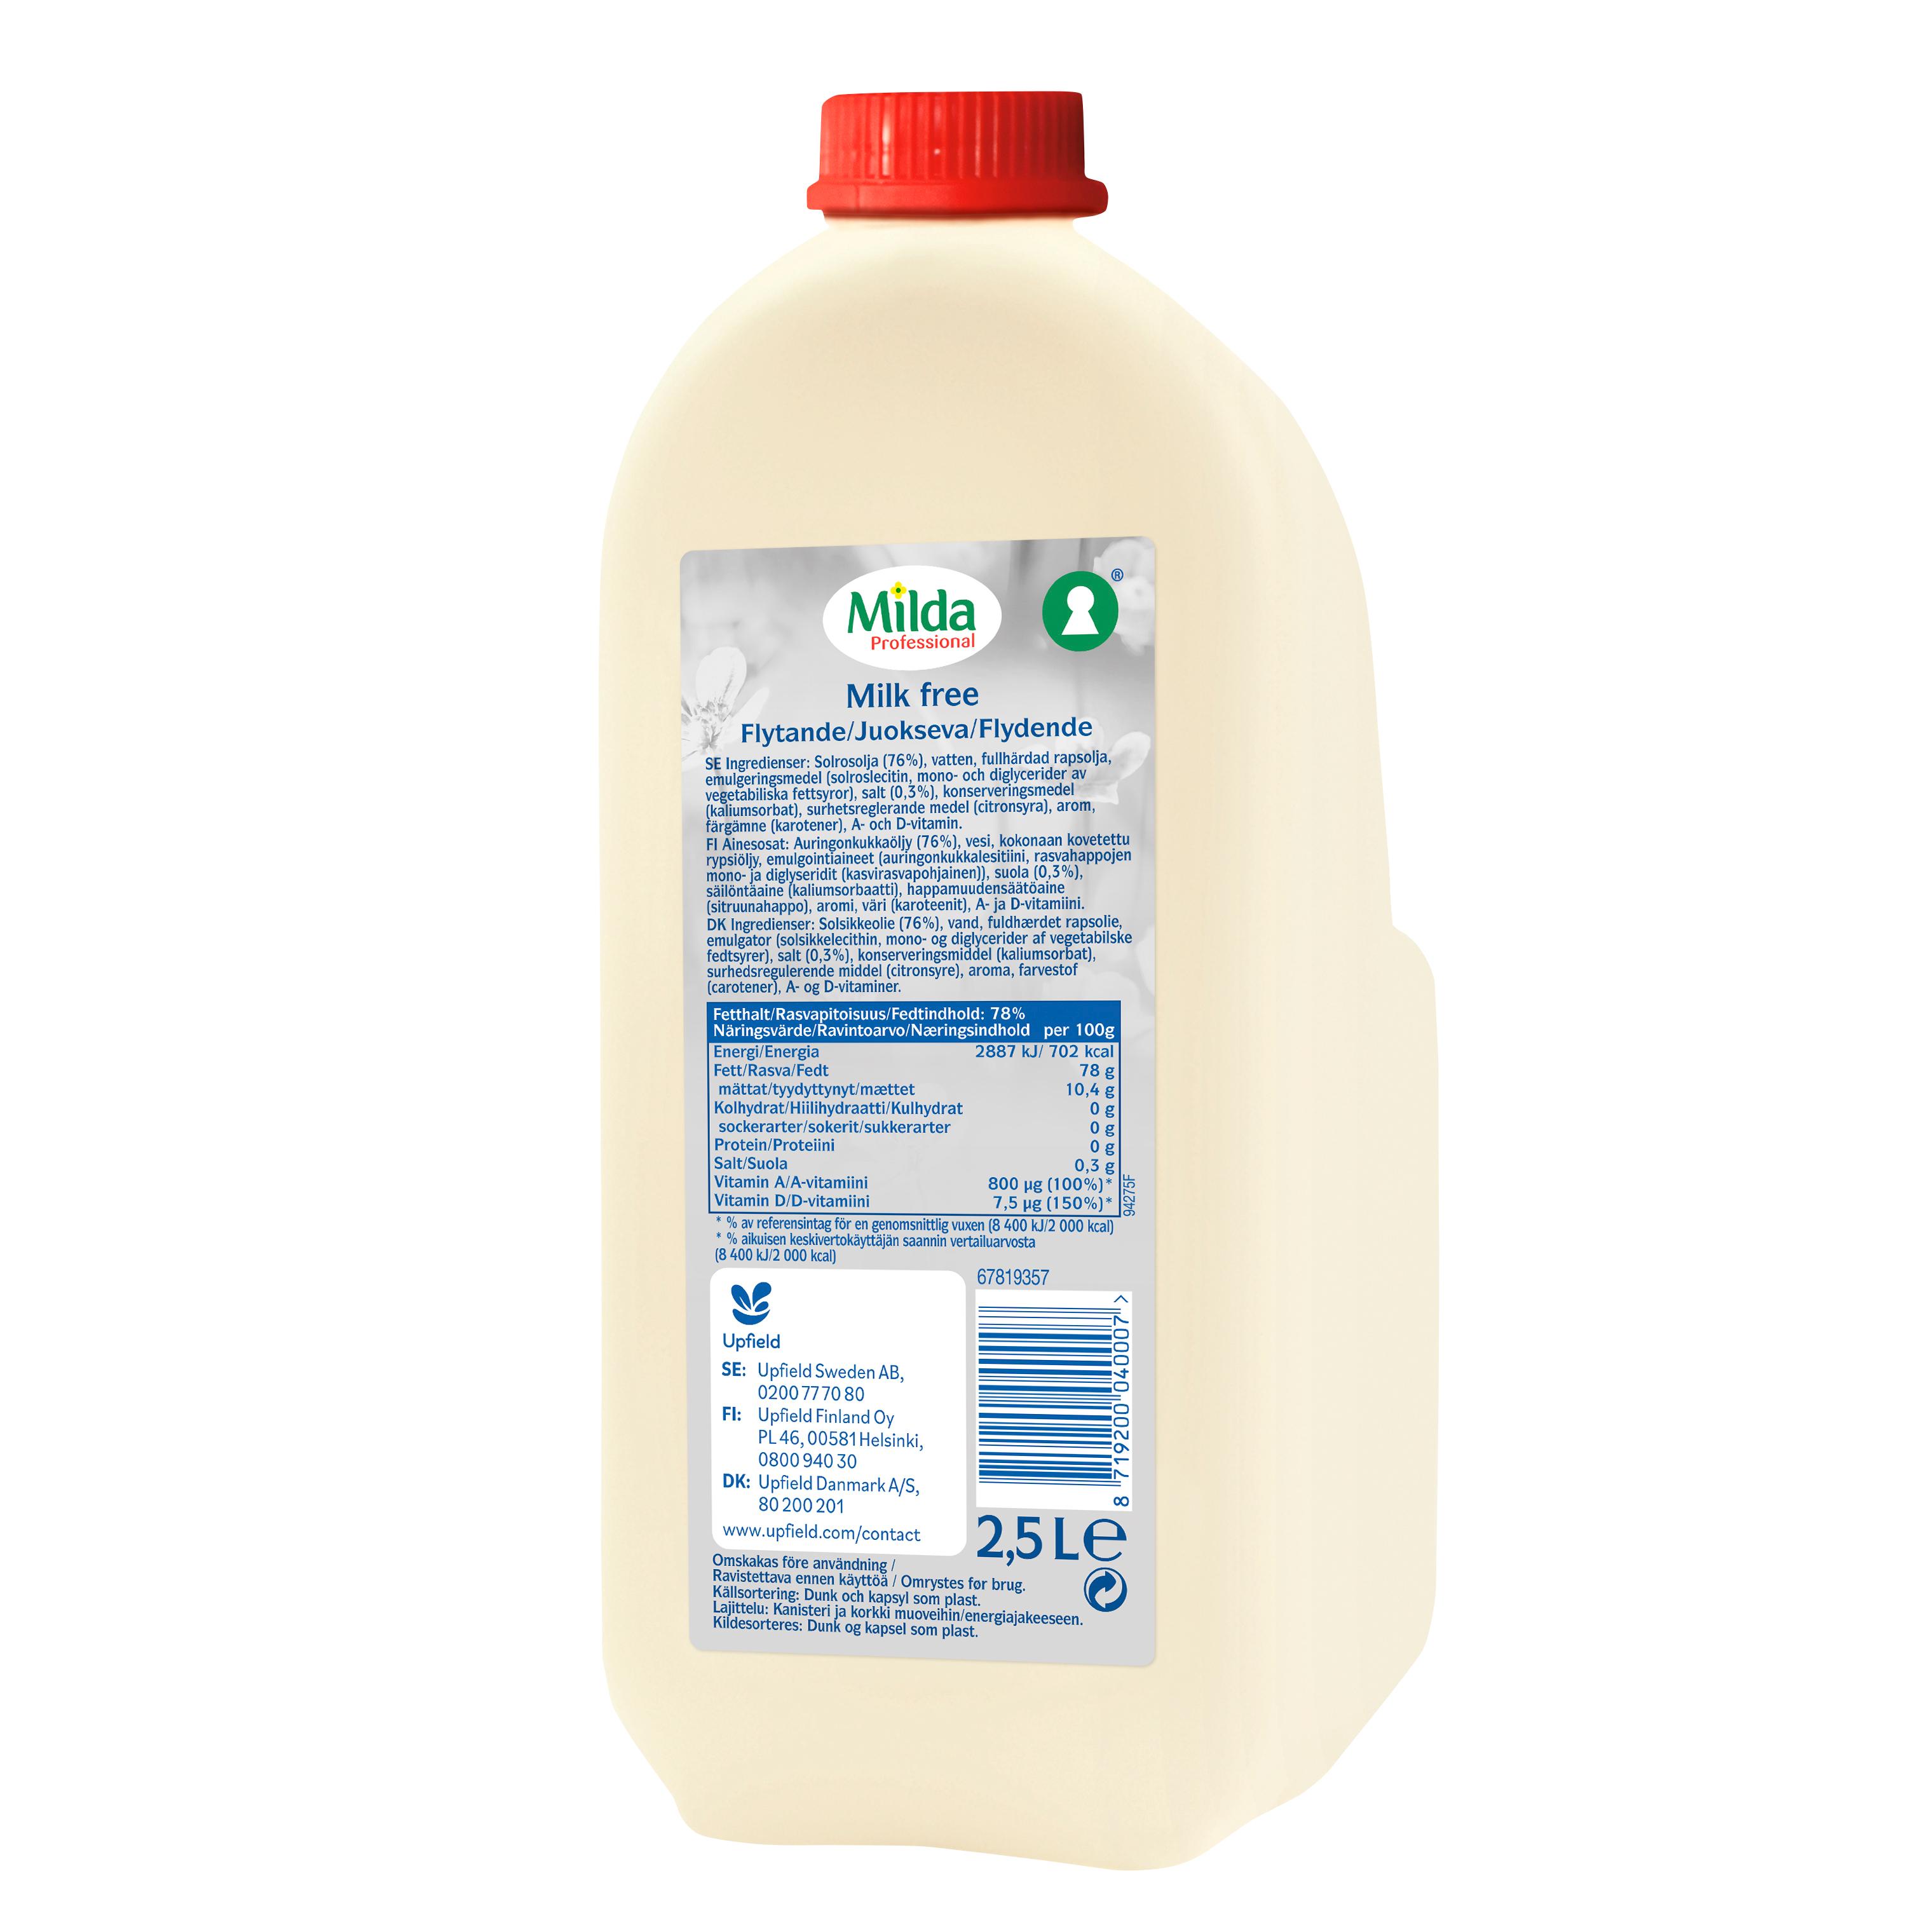 Milda Flytande Mjölkfritt Margarin 4 x 2,5 L